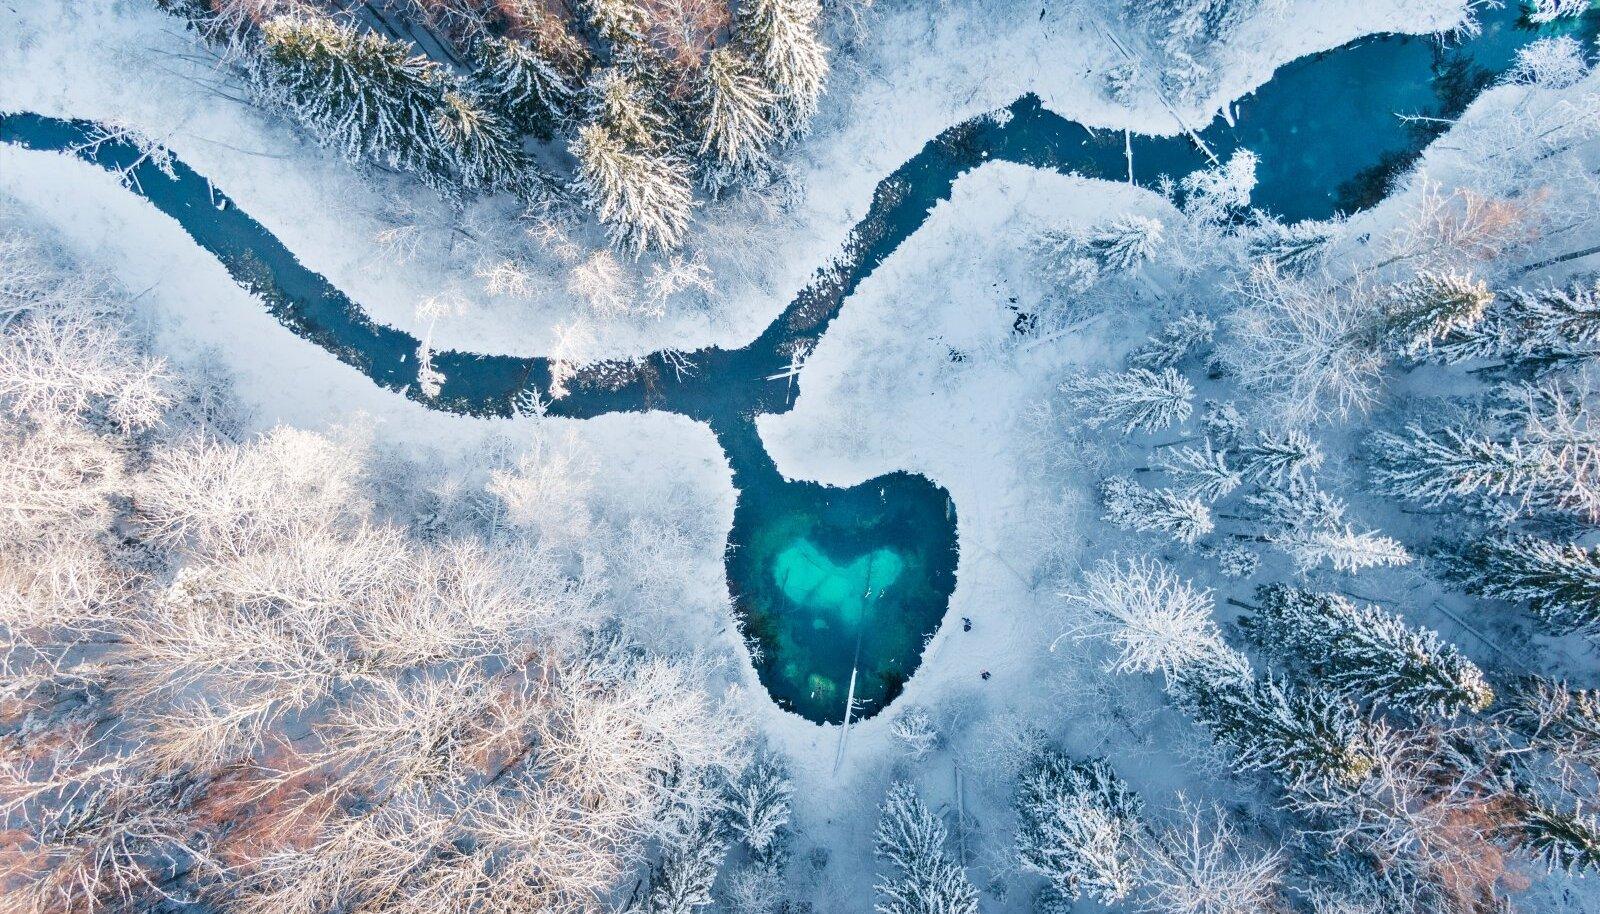 Hiite kuvavõistluse 2020 üldarvestuse peaauhind: Metsa süda